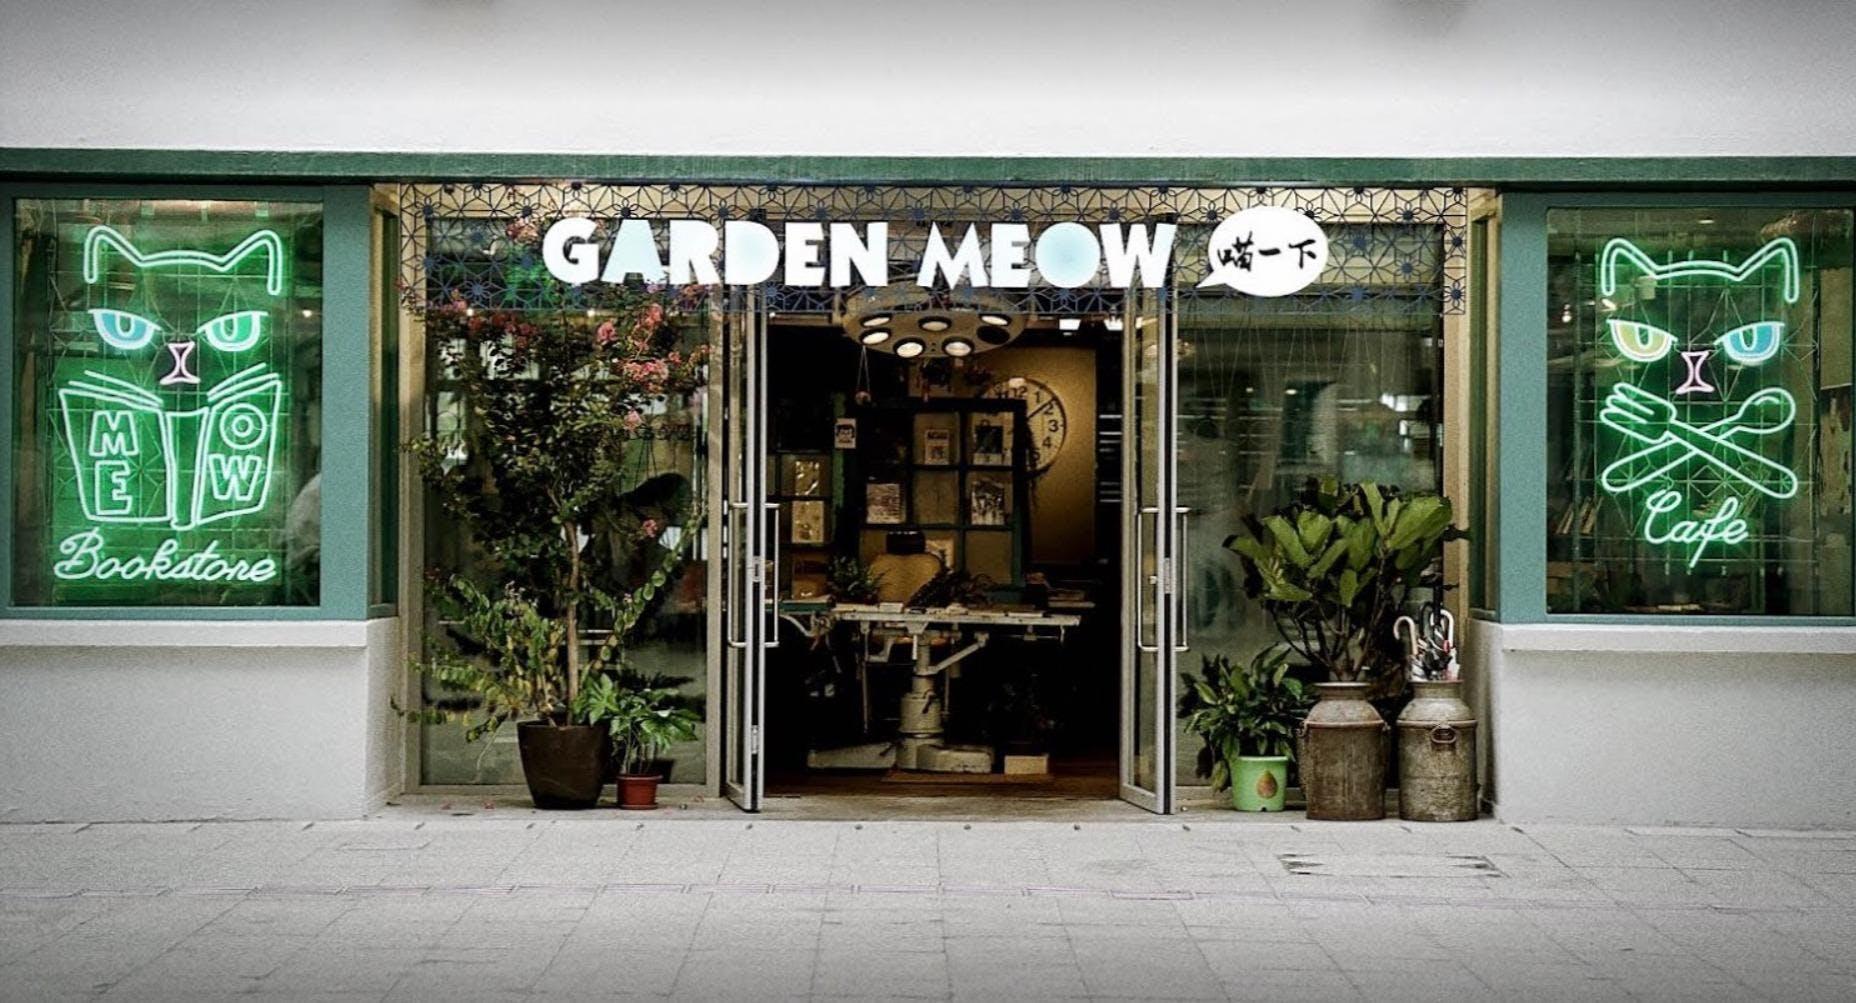 Garden Meow 喵一下